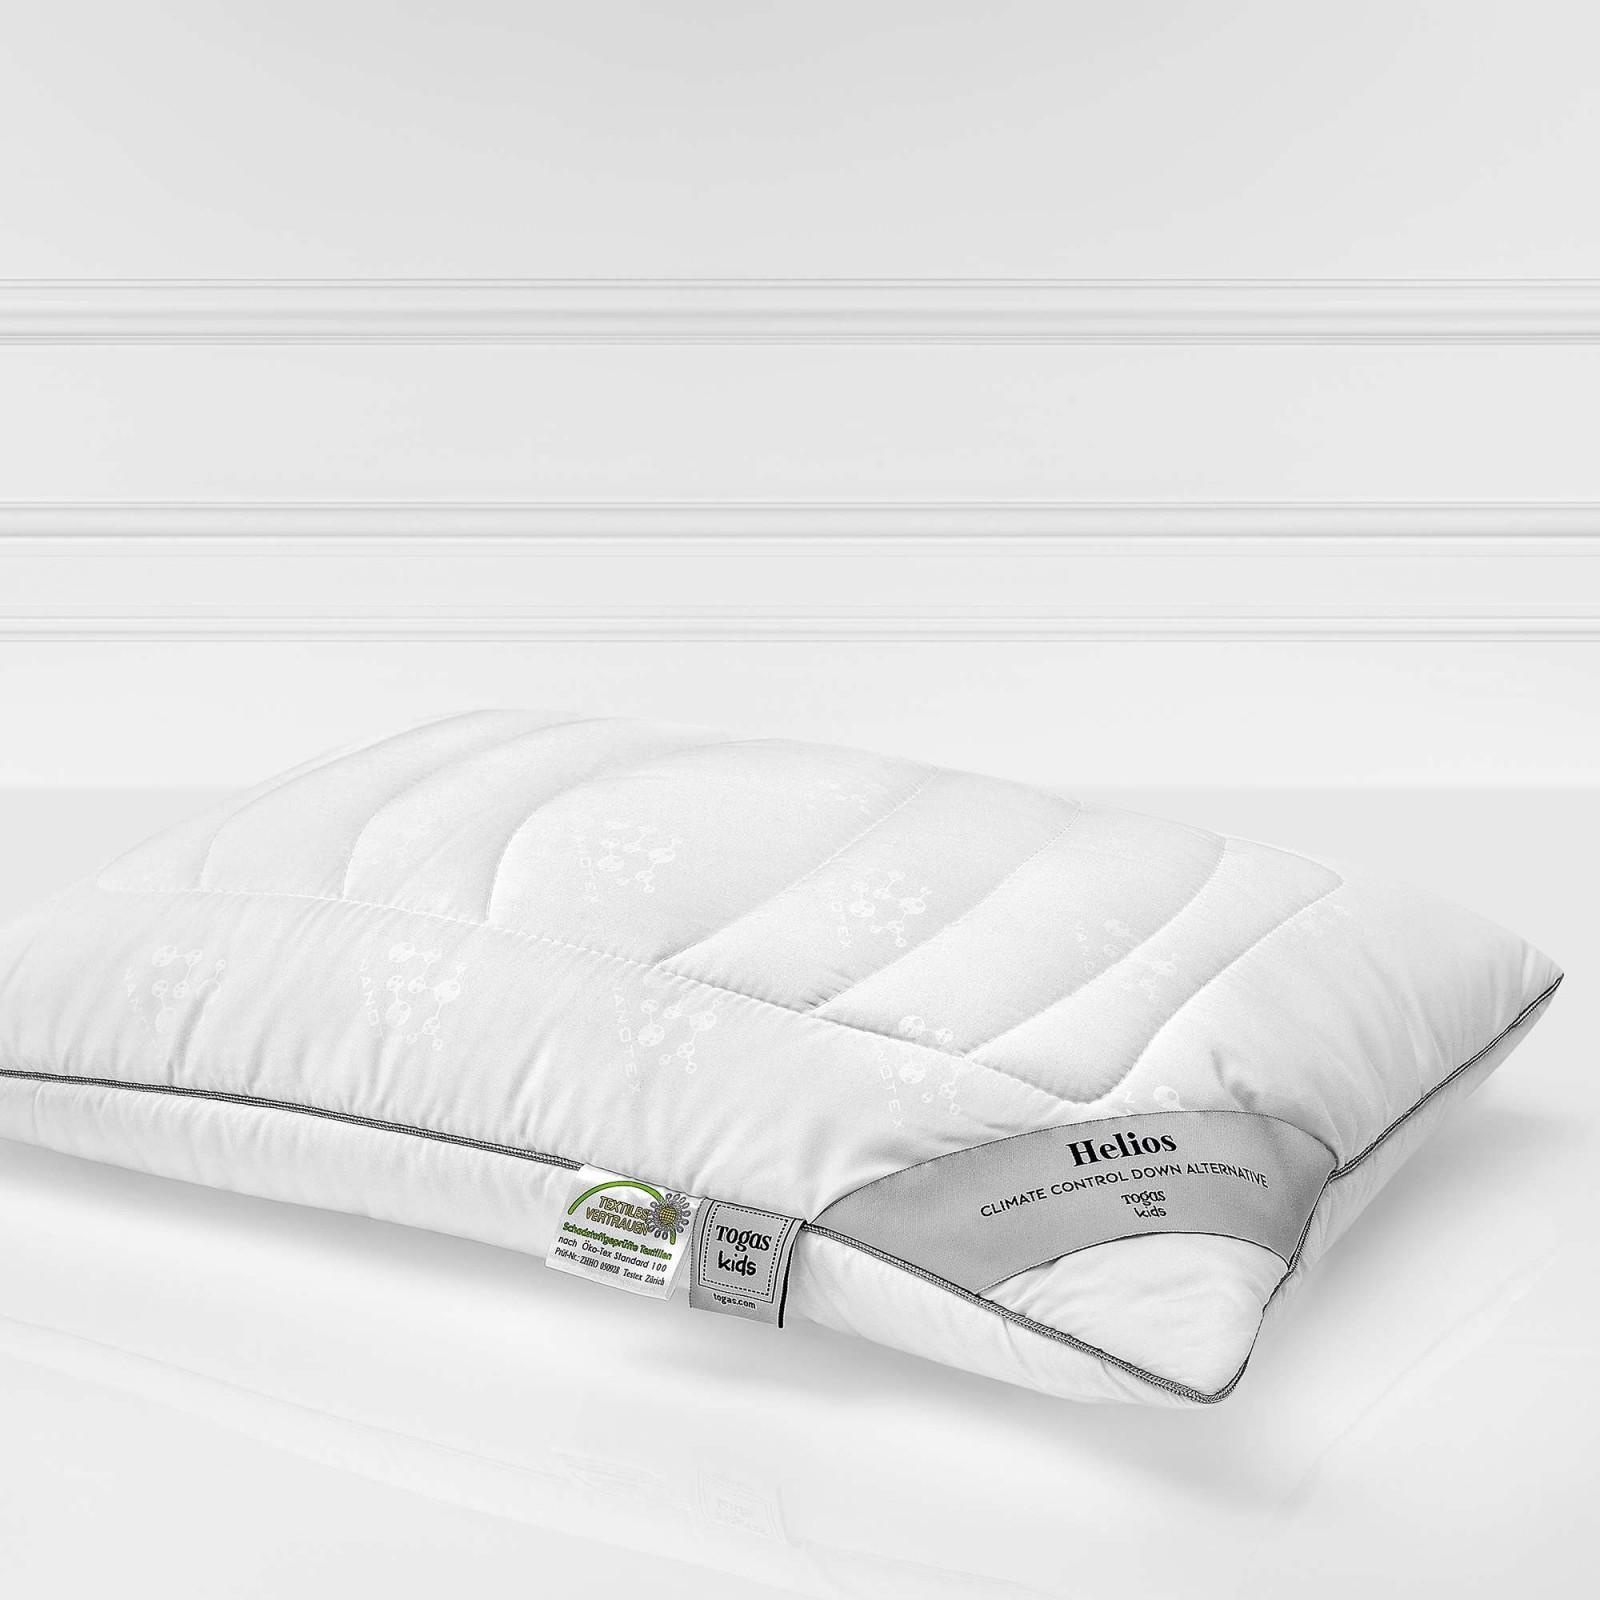 Детские покрывала, подушки, одеяла Togas Детская подушка Гелиос (40х60) объктив гелиос 40 2 продам